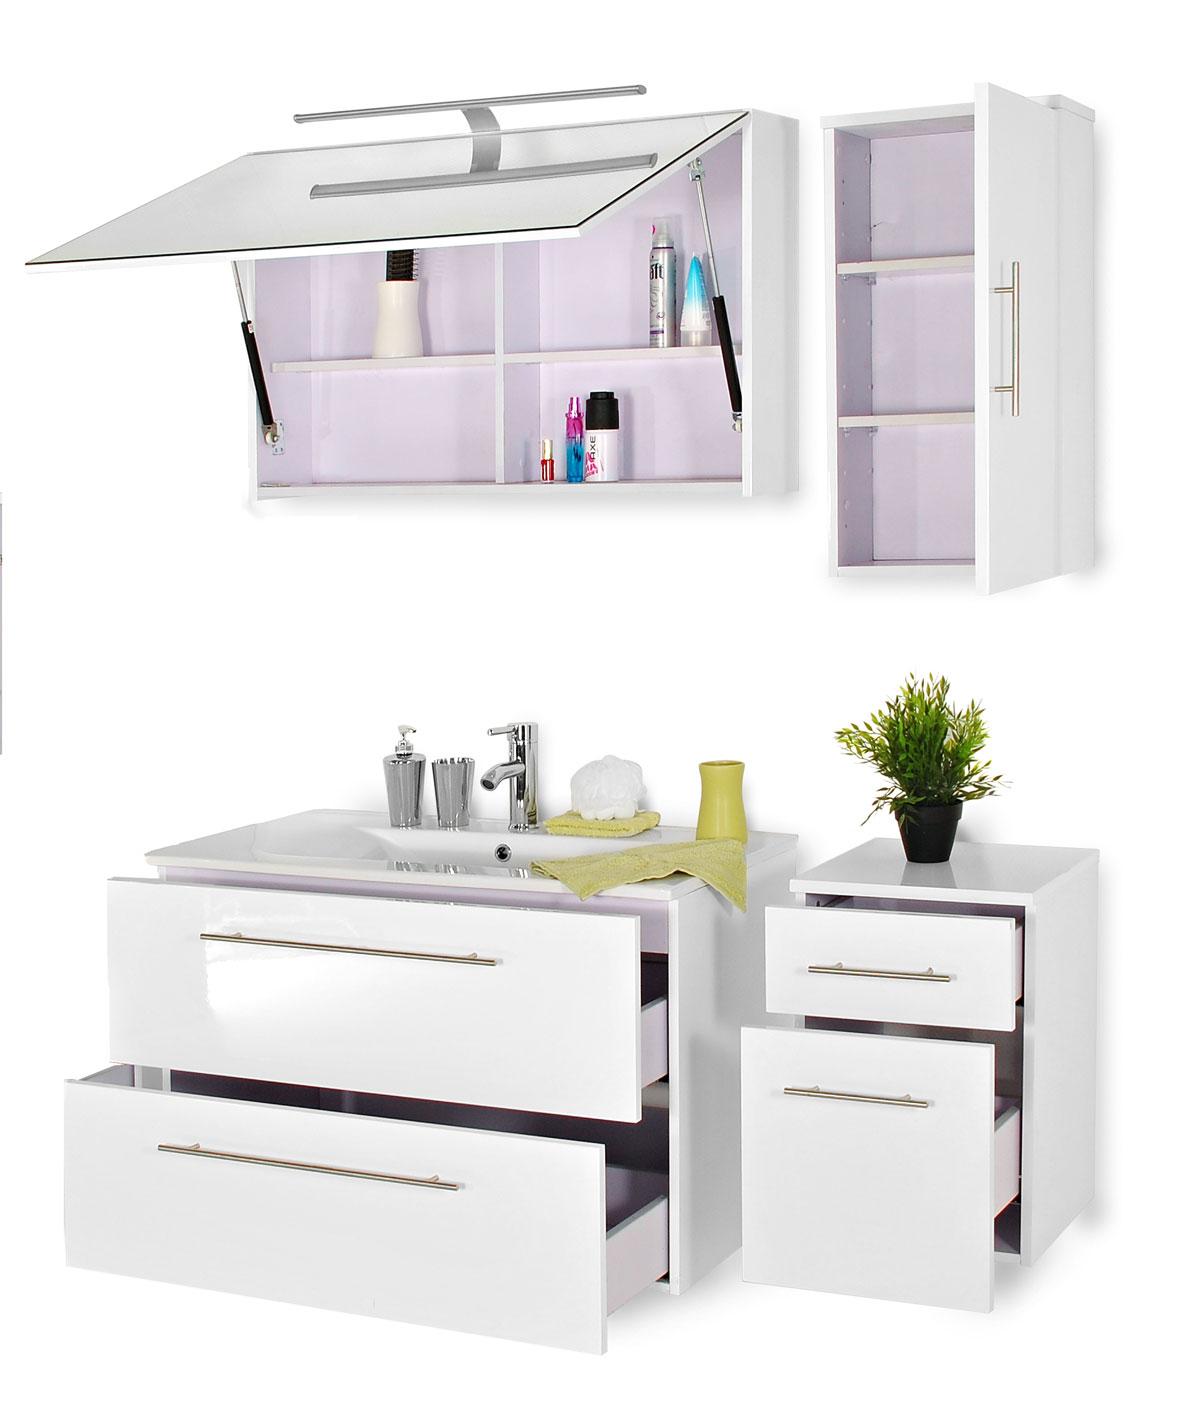 sam® badmöbel set 4tlg weiß 90cm spiegelschrank deluxe rimini, Badezimmer ideen